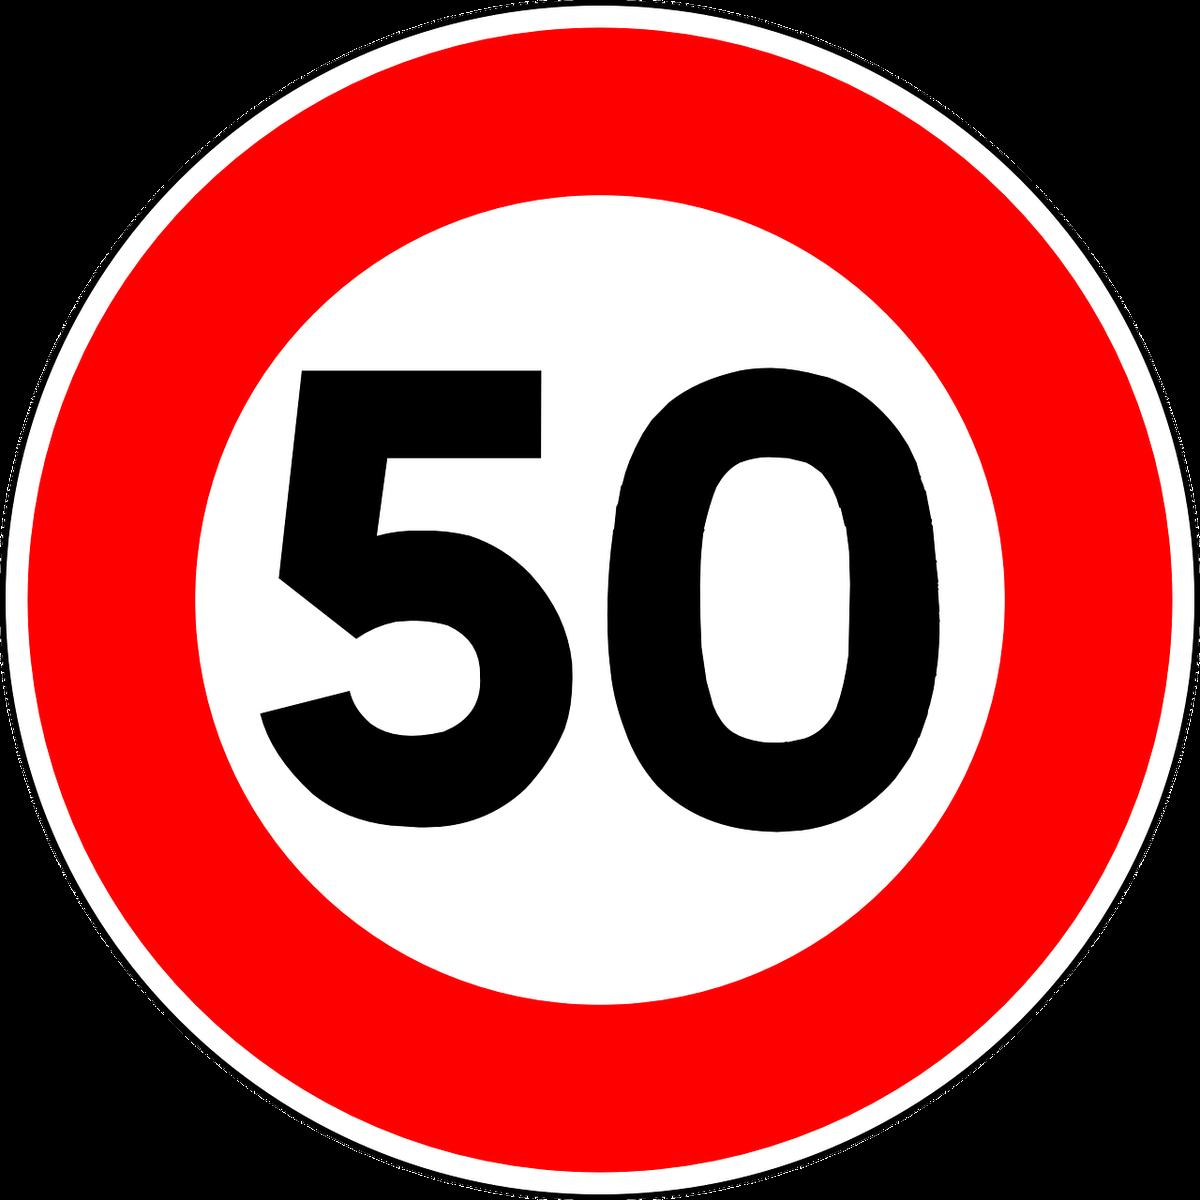 Panneau routier de limitation de vitesse à 50km/h